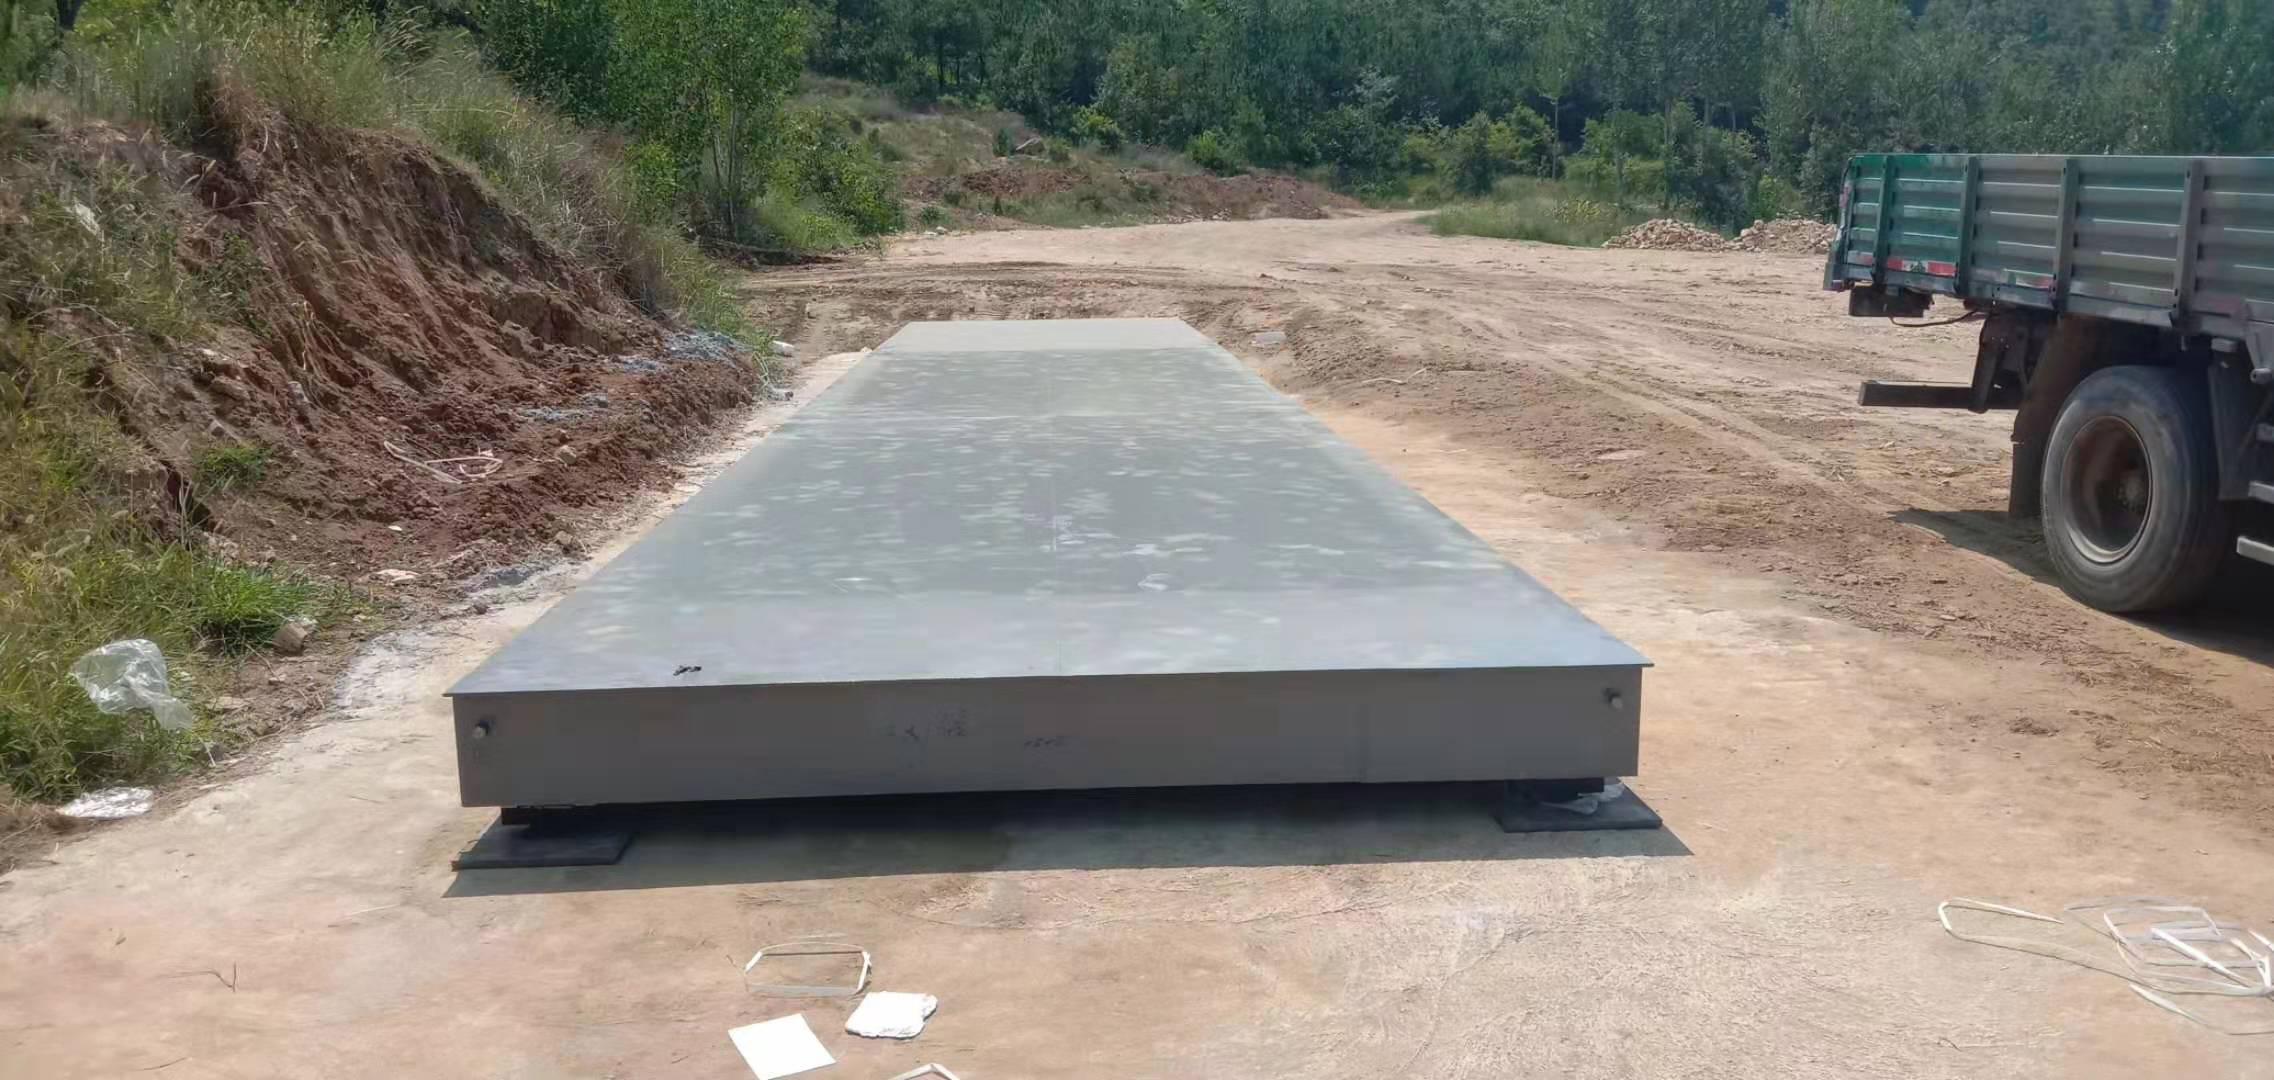 新市砂场3x16米大型地磅安装完成